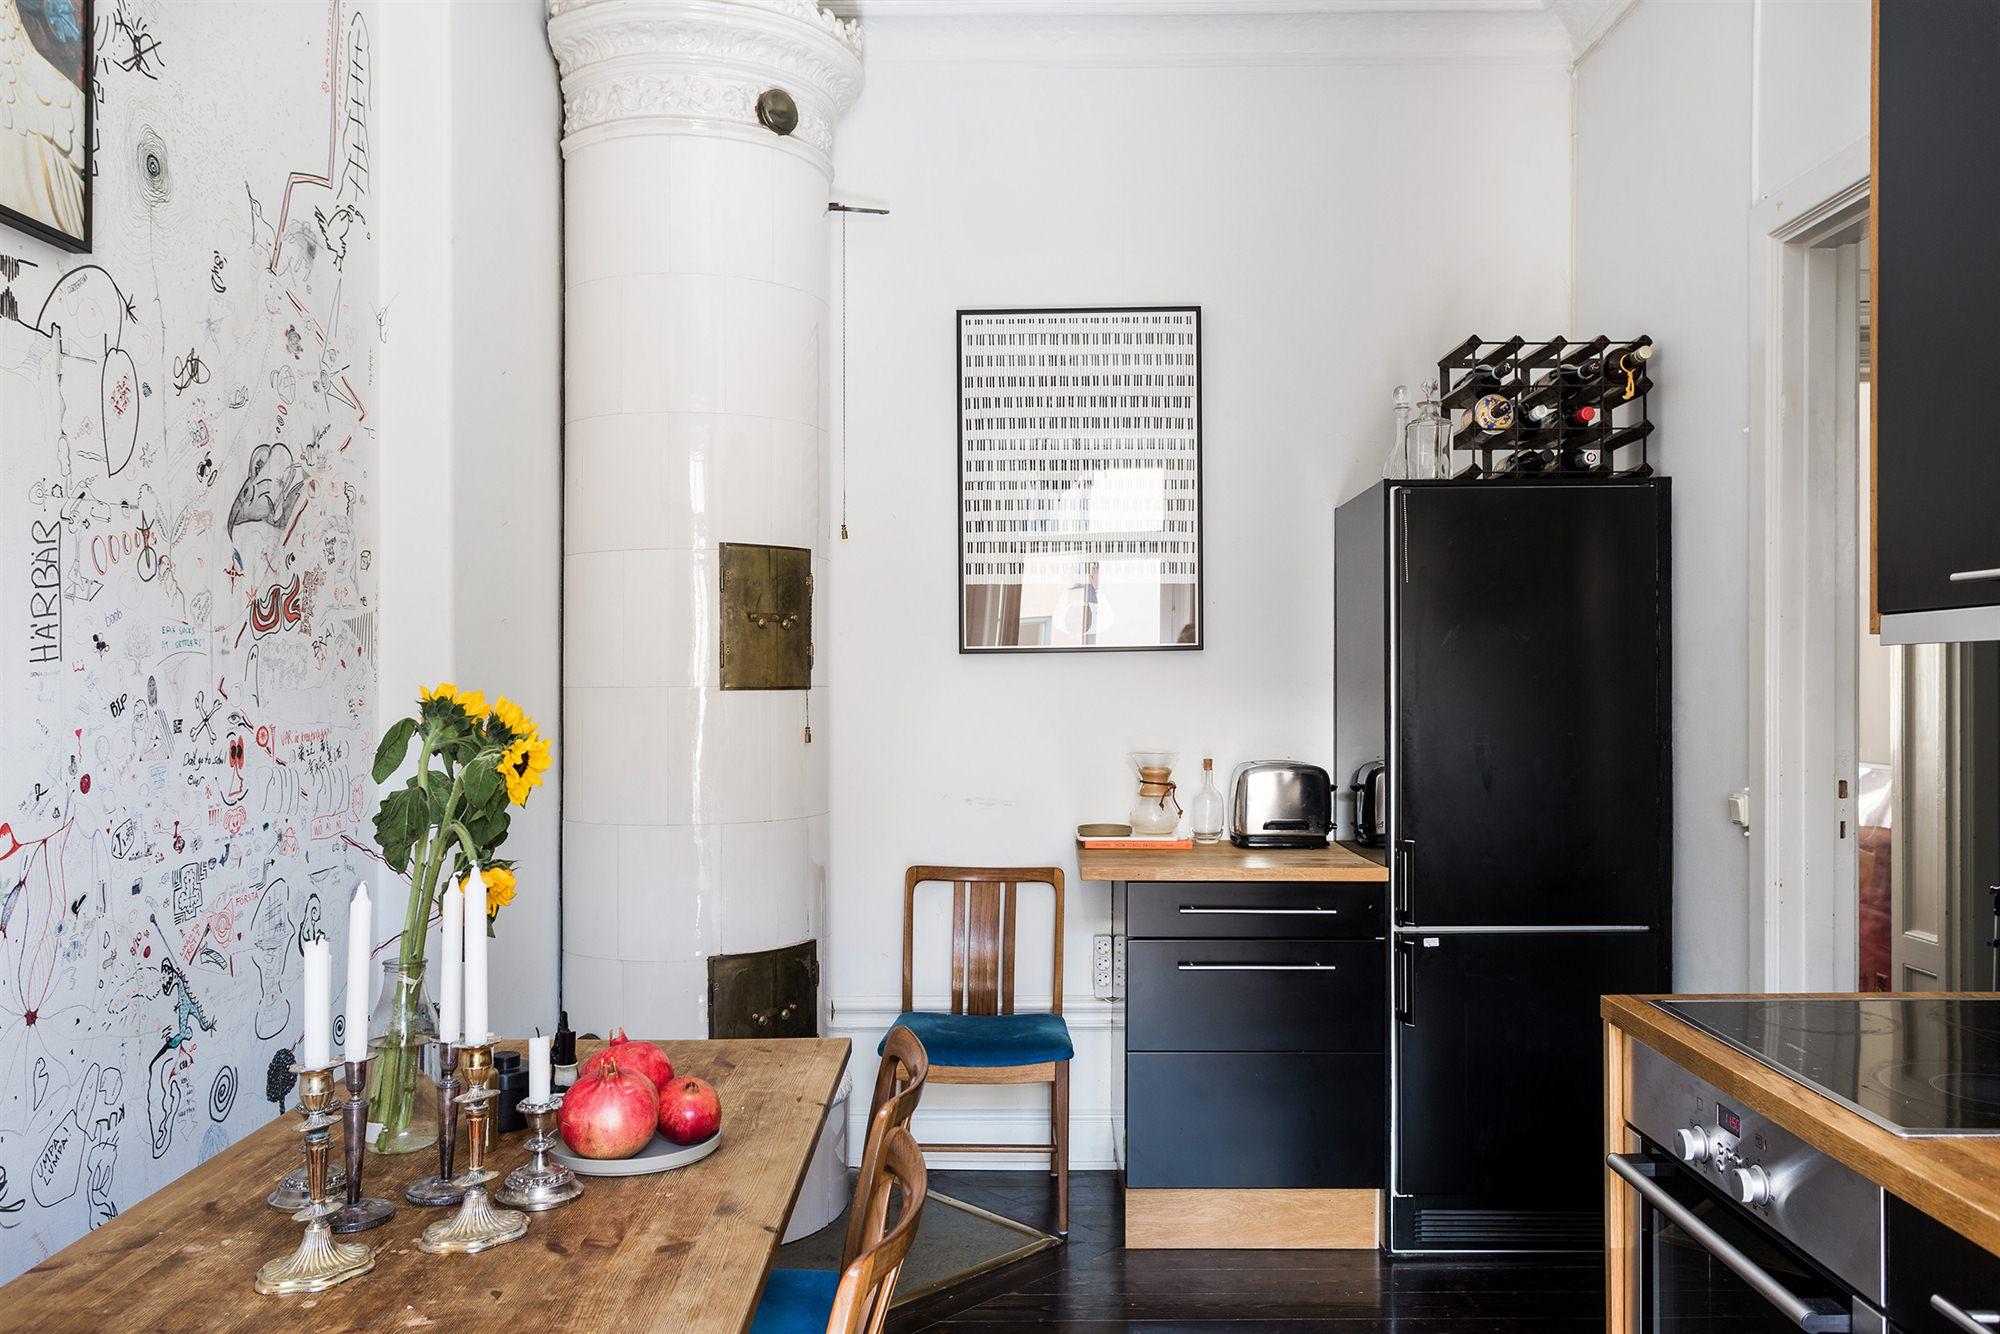 Бюджетный ремонт в однокомнатной квартире на кухне